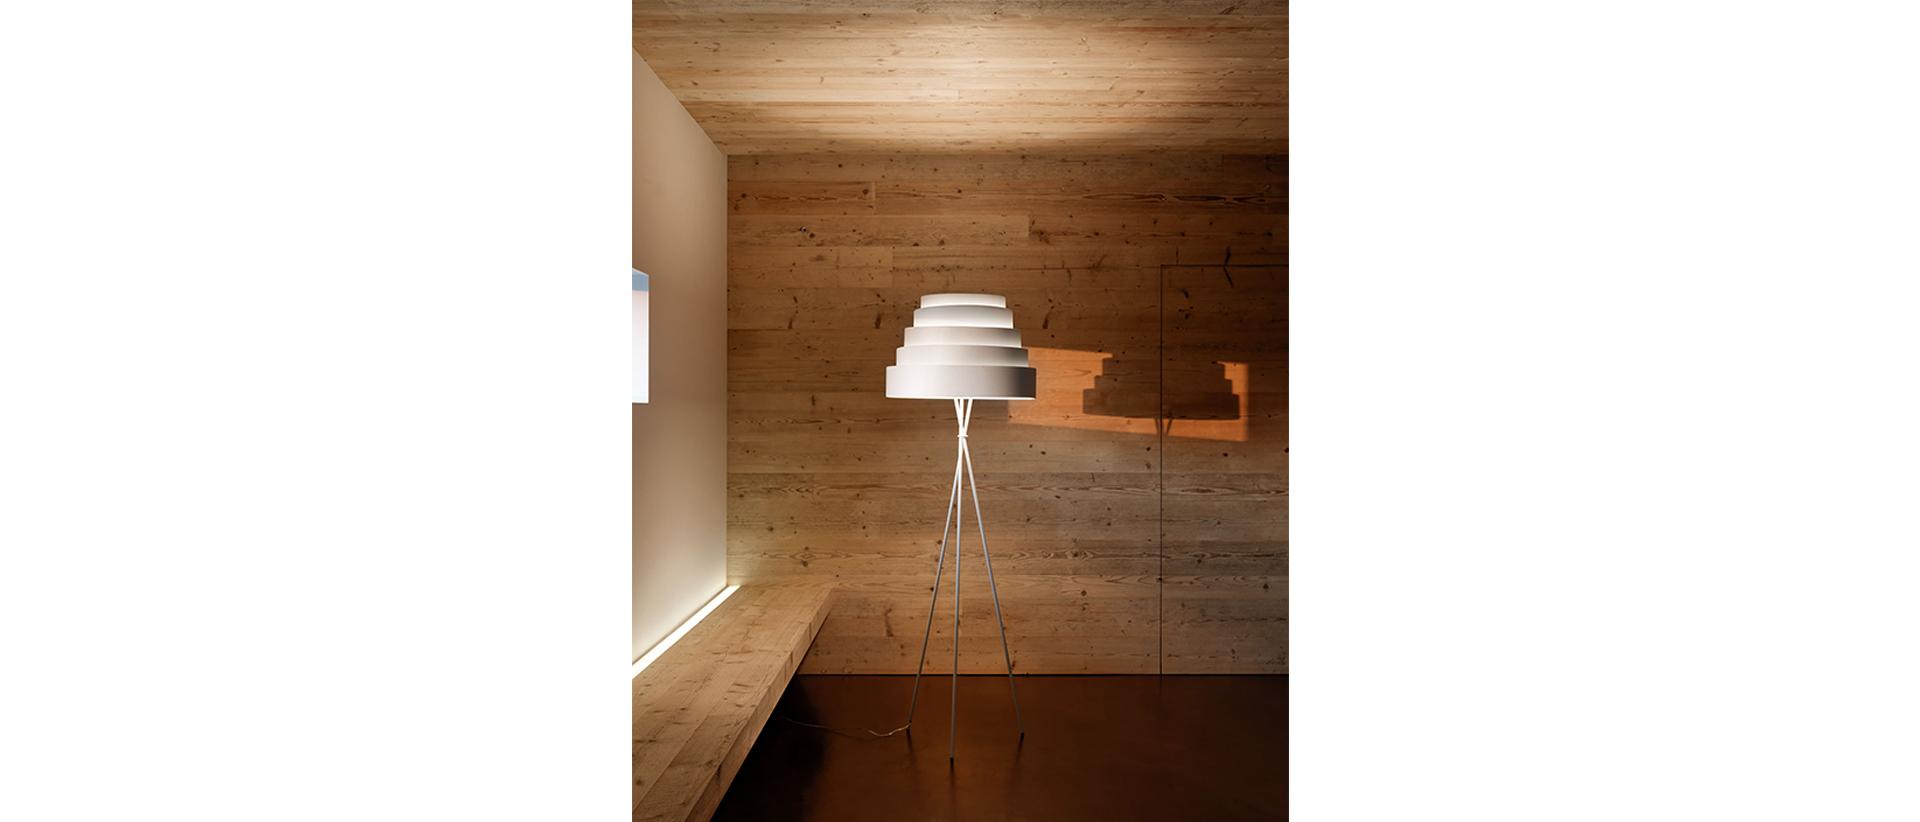 0220 - LAMPARA DE PIE  OFICINA DISE•O